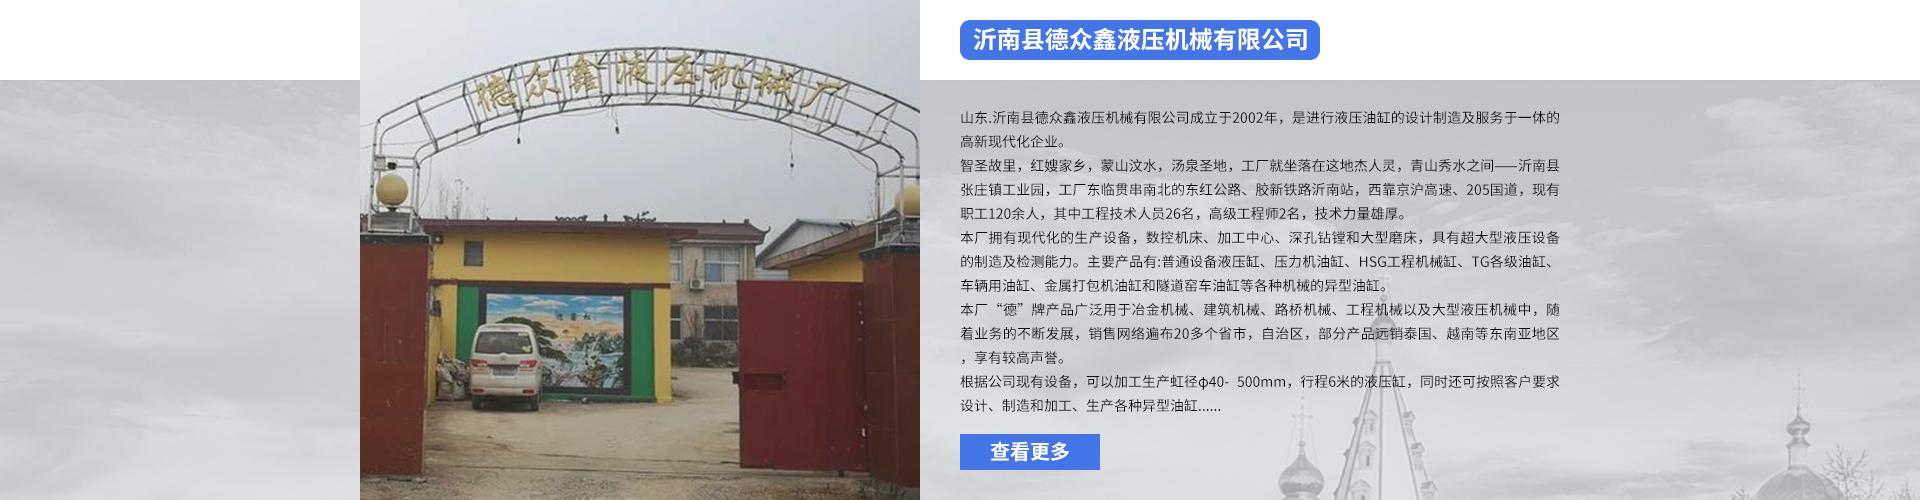 液压油缸厂家_大型油缸厂家-沂南县德众鑫液压机械有限公司